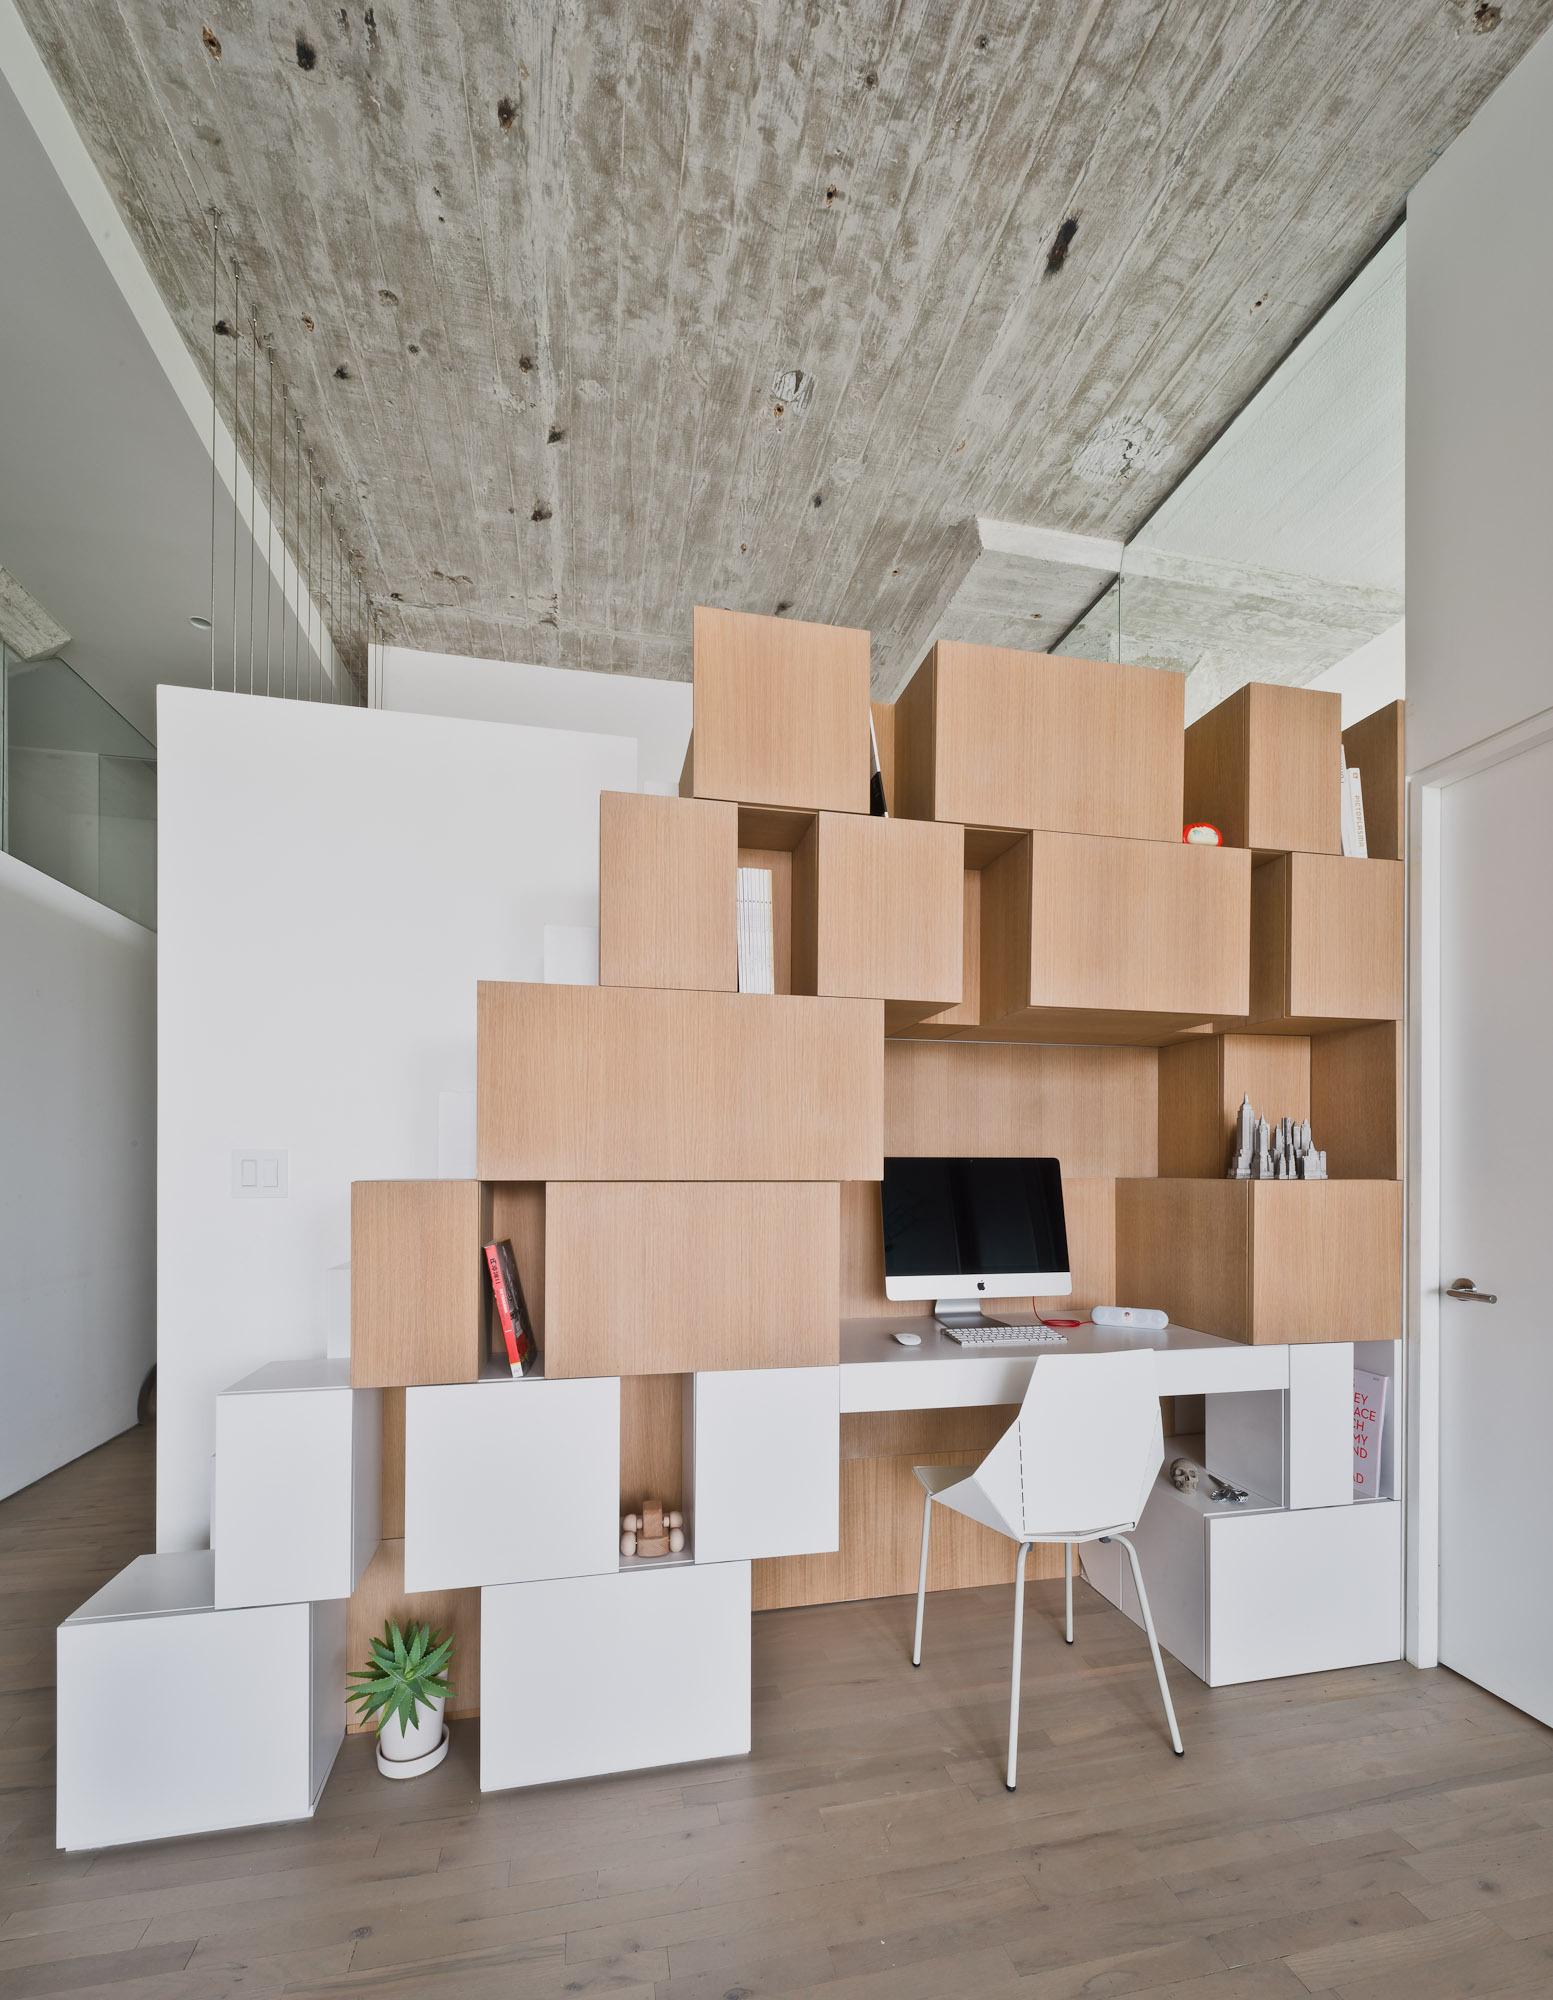 Doehler / Sabo Project (10)